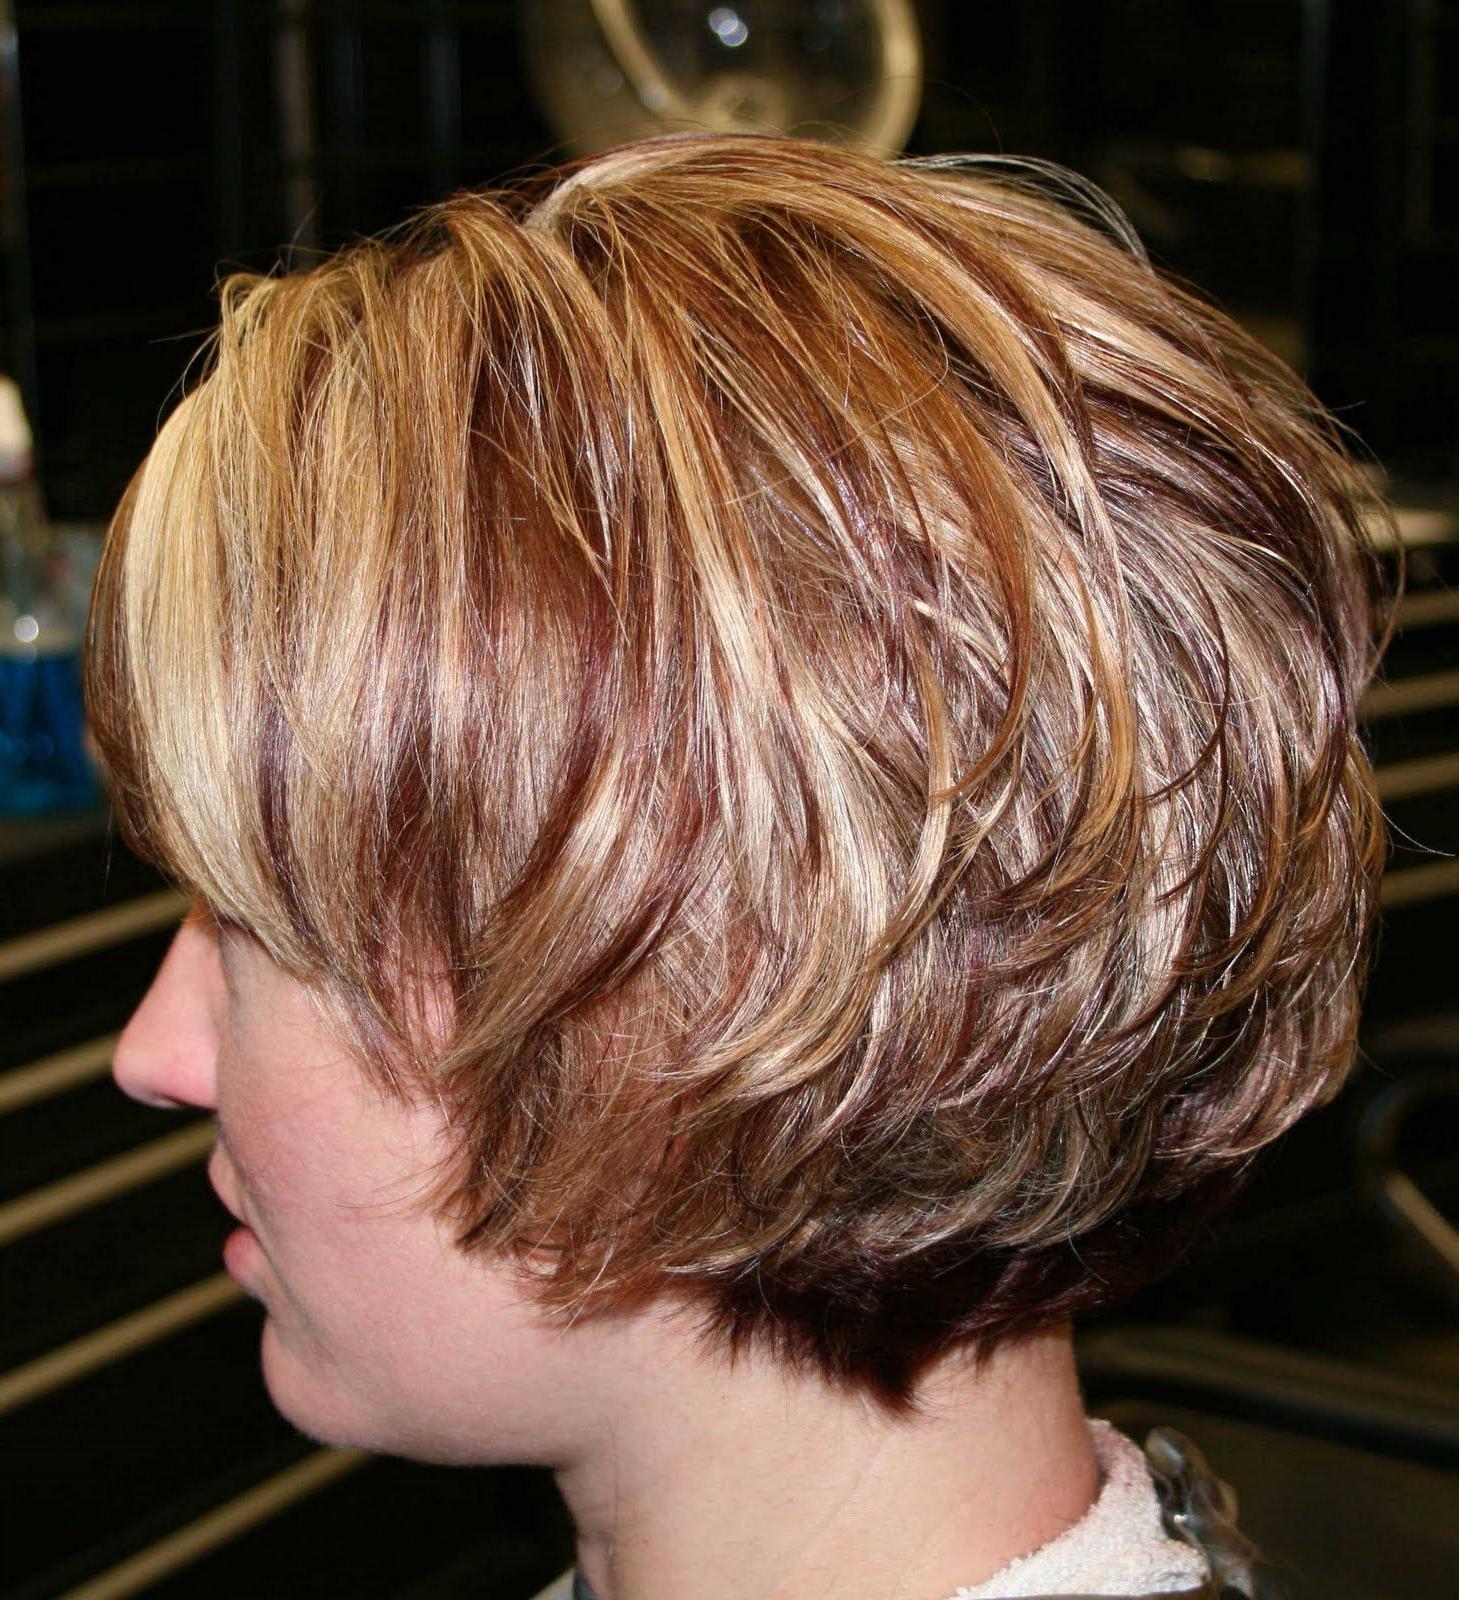 Wedge Hairstyles Medium (View 17 of 20)